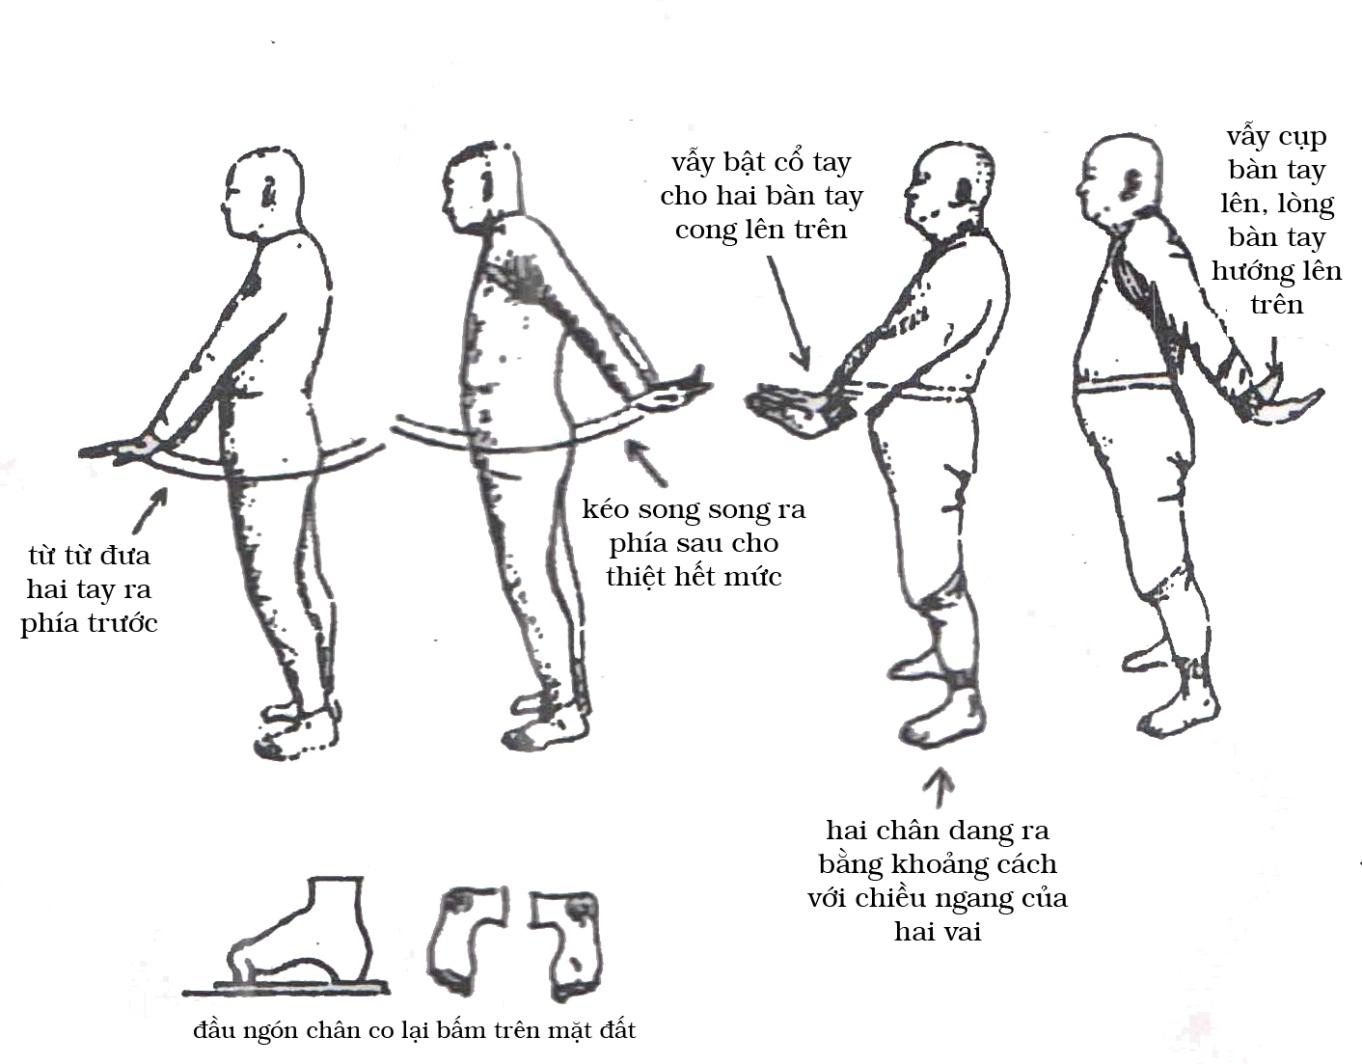 vẩy tay có giảm béo không, vẩy tay chữa béo phì, vẩy tay, tập vẩy tay, vẩy tay dịch chân kinh, vẩy tay dịch cân kinh, cách vẩy tay, vẩy tay chữa bệnh, cách vẩy tay đúng cách, vẩy tay có tác dụng gì, cách vẩy tay chữa bệnh, tác dụng của vẩy tay, cách tập vẩy tay dịch cân kinh, cách vẩy tay đúng, bài tập vẩy tay, hướng dẫn vẩy tay dịch cân kinh, vẩy tay có tốt không, tác dụng của bài tập vẩy tay, tập vẩy tay chữa bệnh gì, tác dụng của vẩy tay dịch cân kinh, đi bộ vẩy tay,vẩy tay có giảm béo không, vẩy tay giảm cân, bài tập vẩy tay giảm cân, vẩy tay chữa béo phì, cách vẩy tay đúng cách